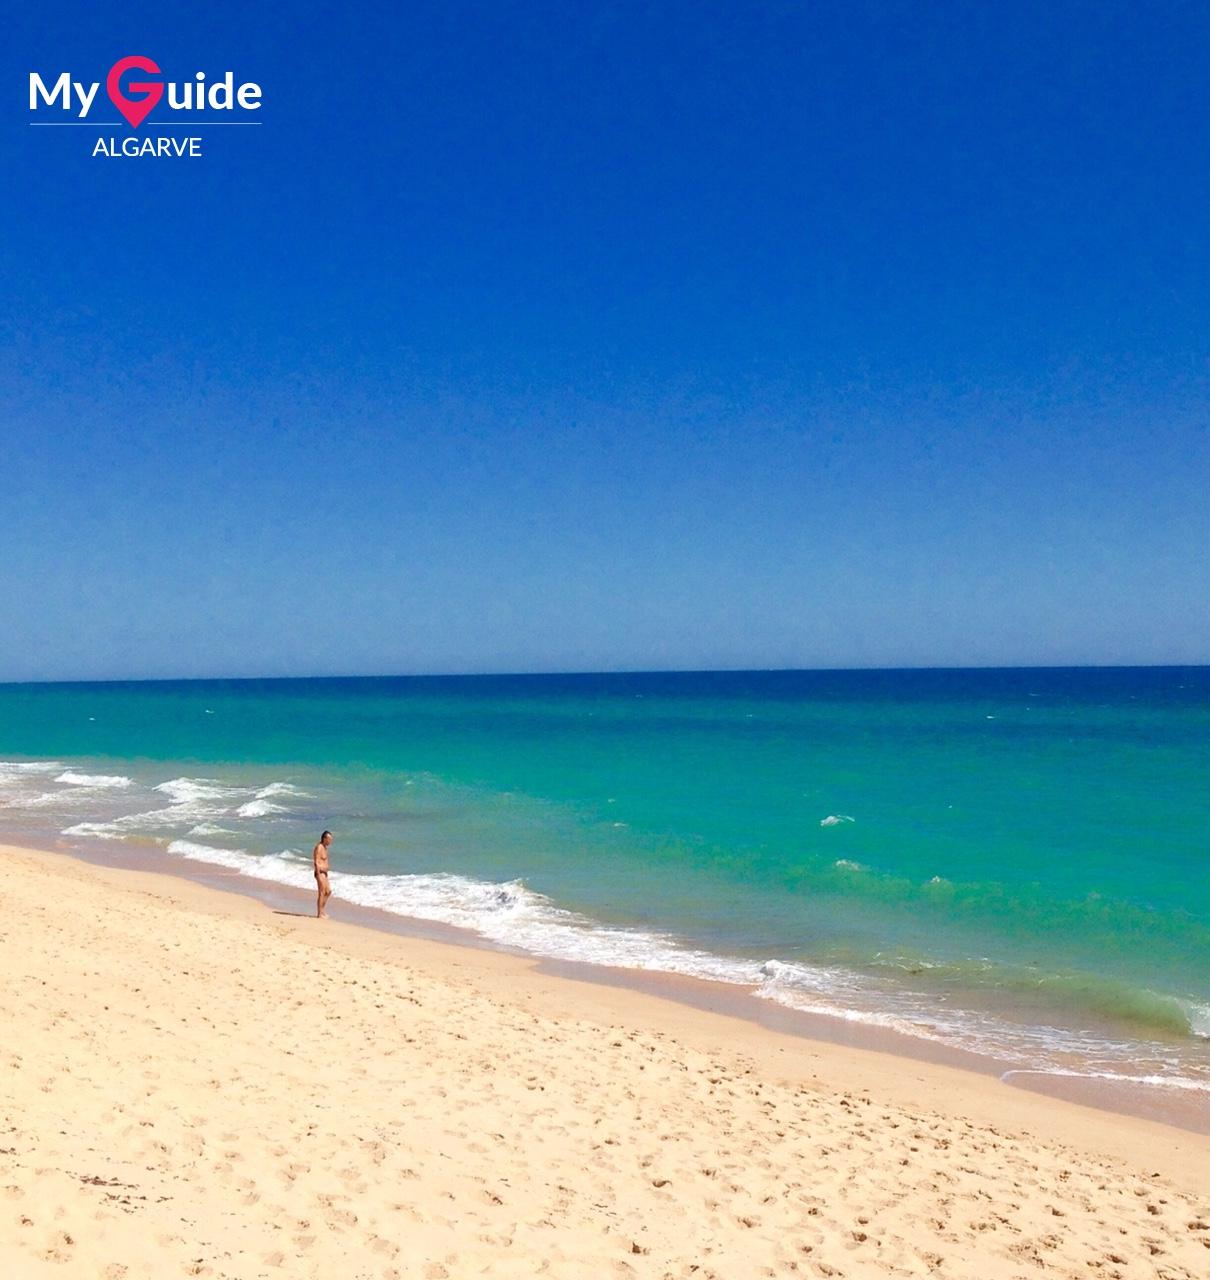 Praia Gale Beach